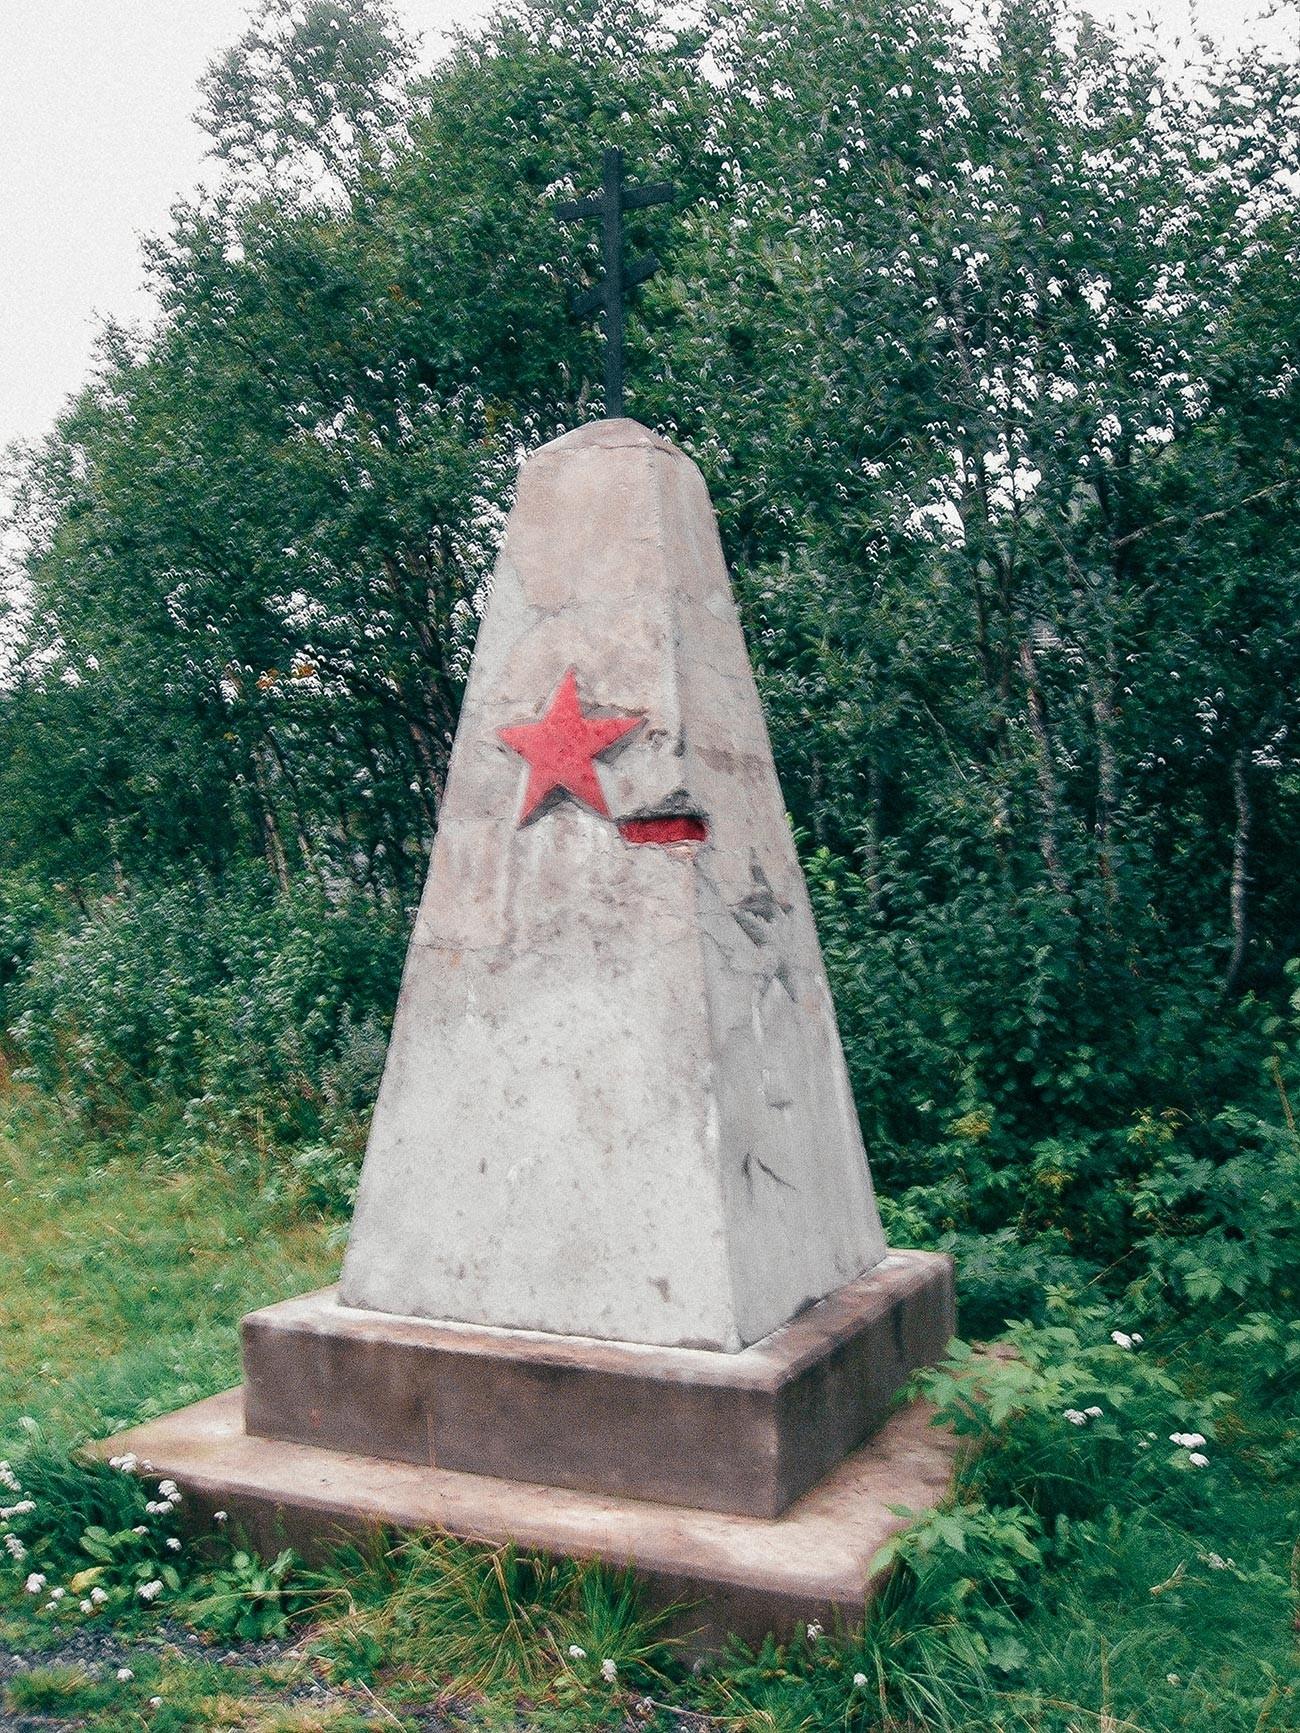 Tugu peringatan sekitar 5.000 tentara Soviet yang menjadi tahanan perang Nazi Jerman, yang membangun bagian Rana dari Nordlandsbanen (kereta api Nordland) selama Perang Dunia II.